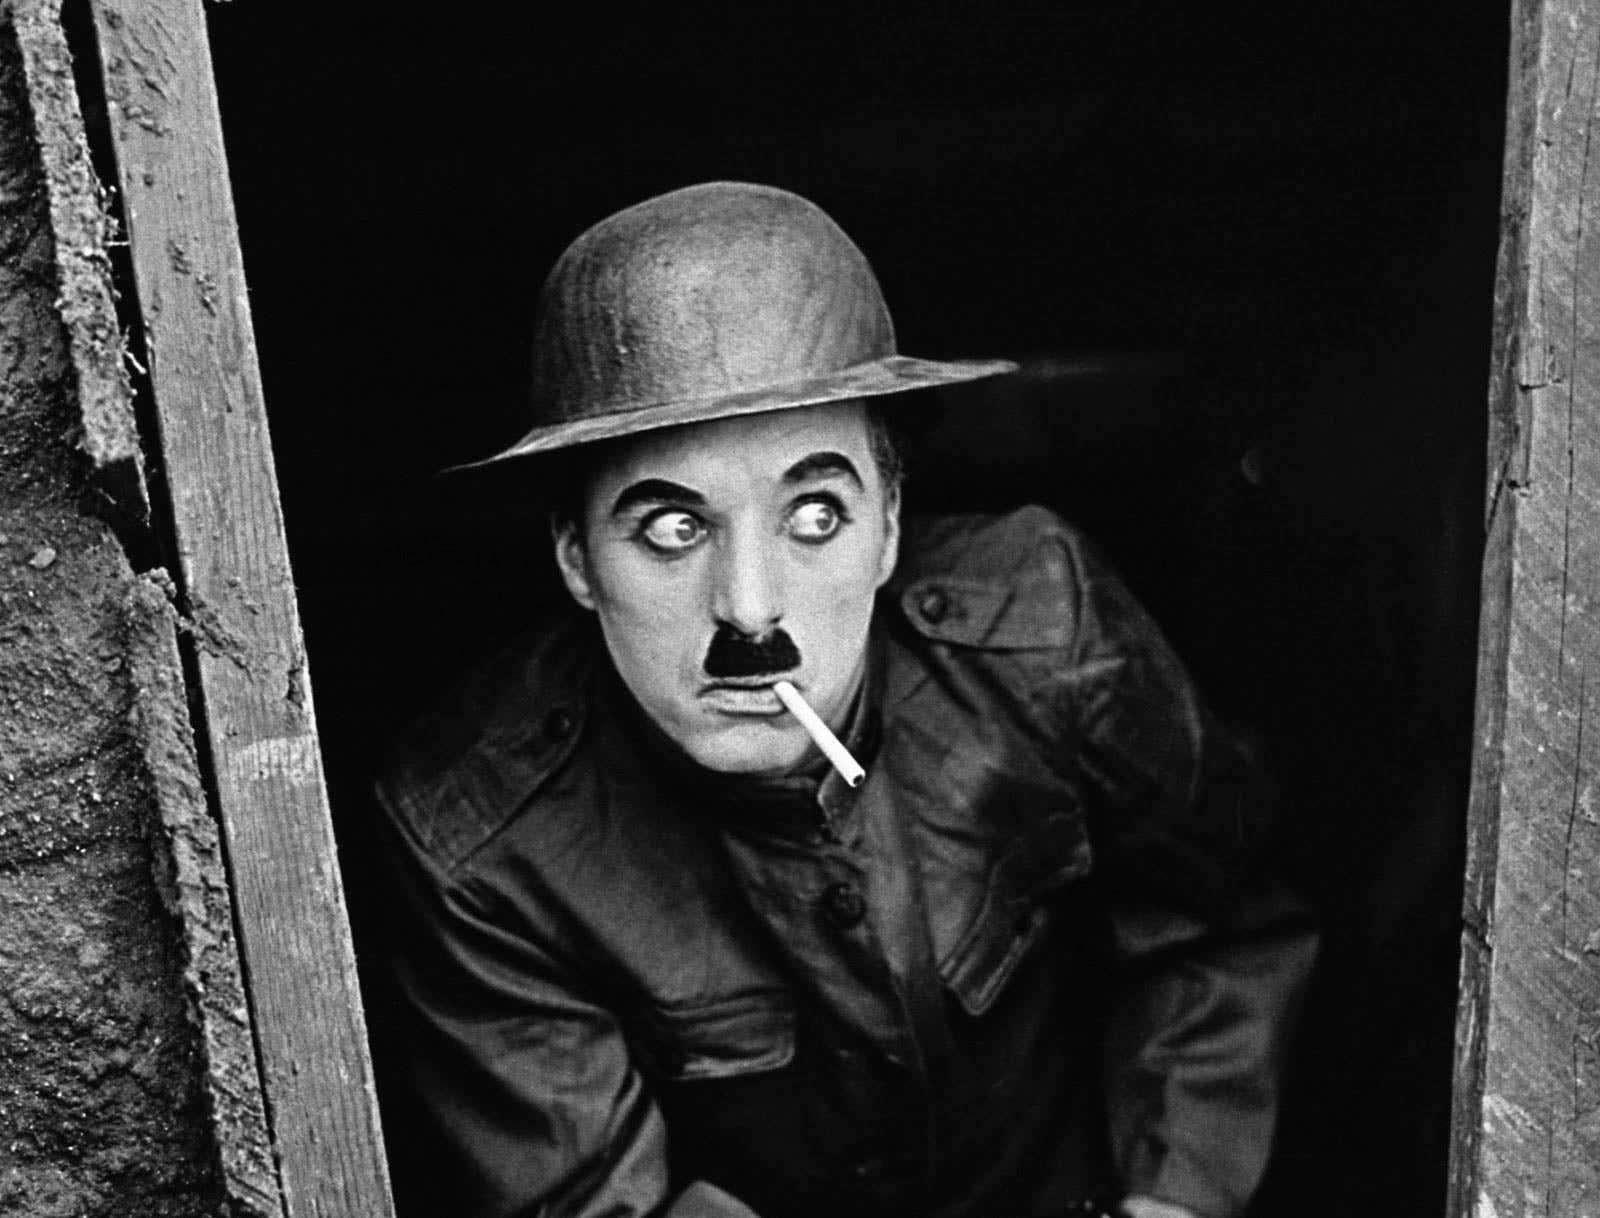 """Charlie Chaplin, İngiliz sinema yönetmeni, oyuncu, yazar, film müziği bestecisi, kurgucu ve komedyen. Yarattığı """"Şarlo"""" karakteri ile özdeşleşmiştir."""